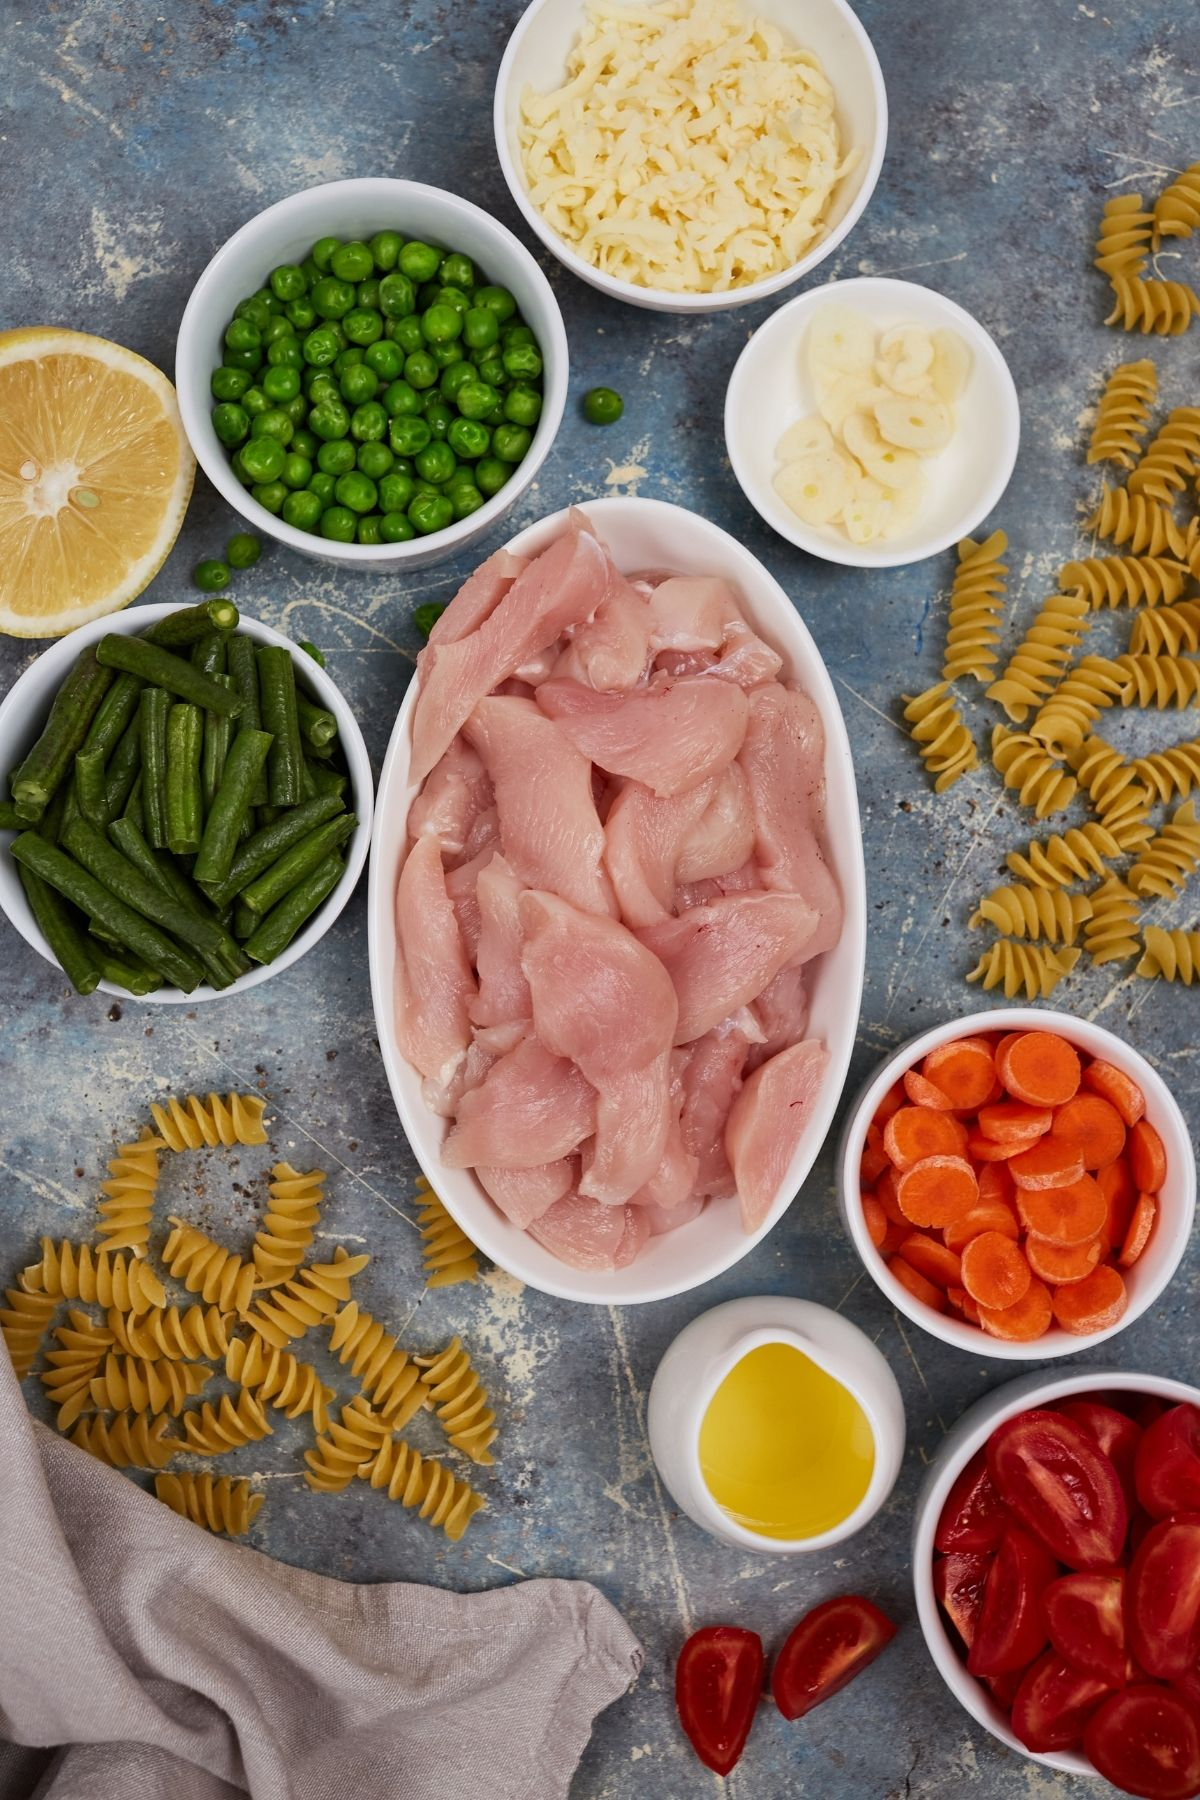 Chicken pasta primavera ingredients